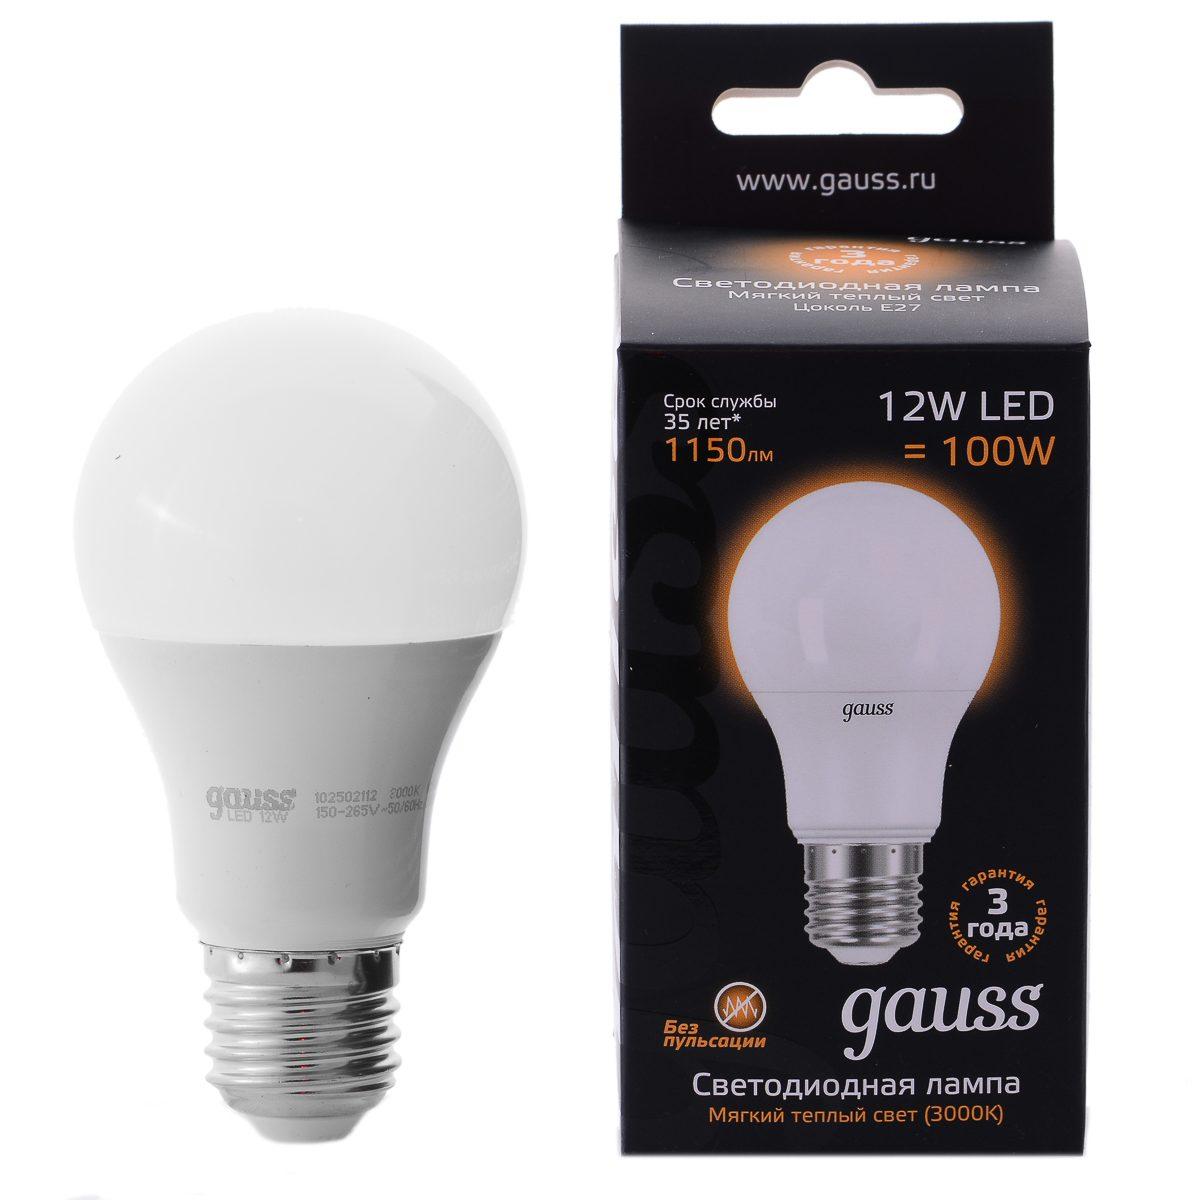 Светодиодные лампы gauss или osram — какие лучше выбрать